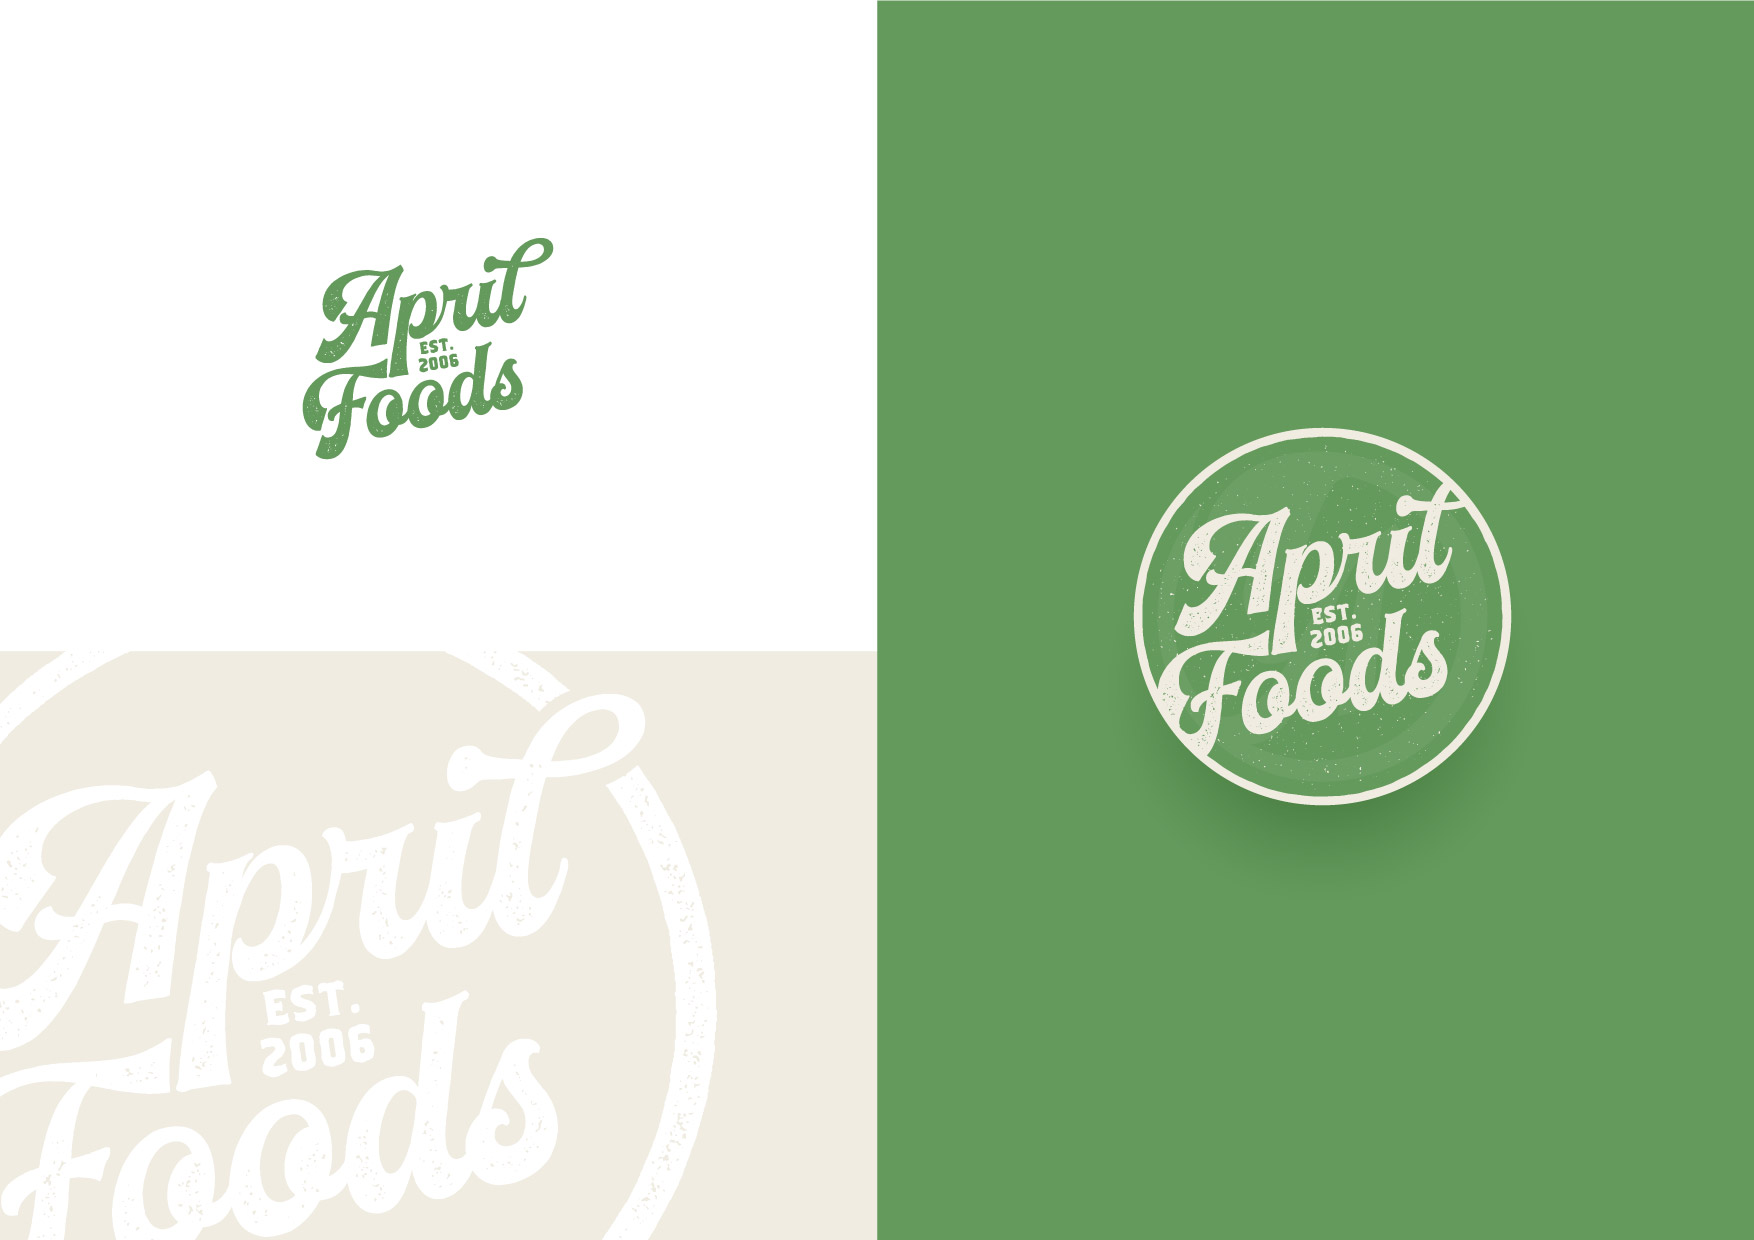 homemade foods logo